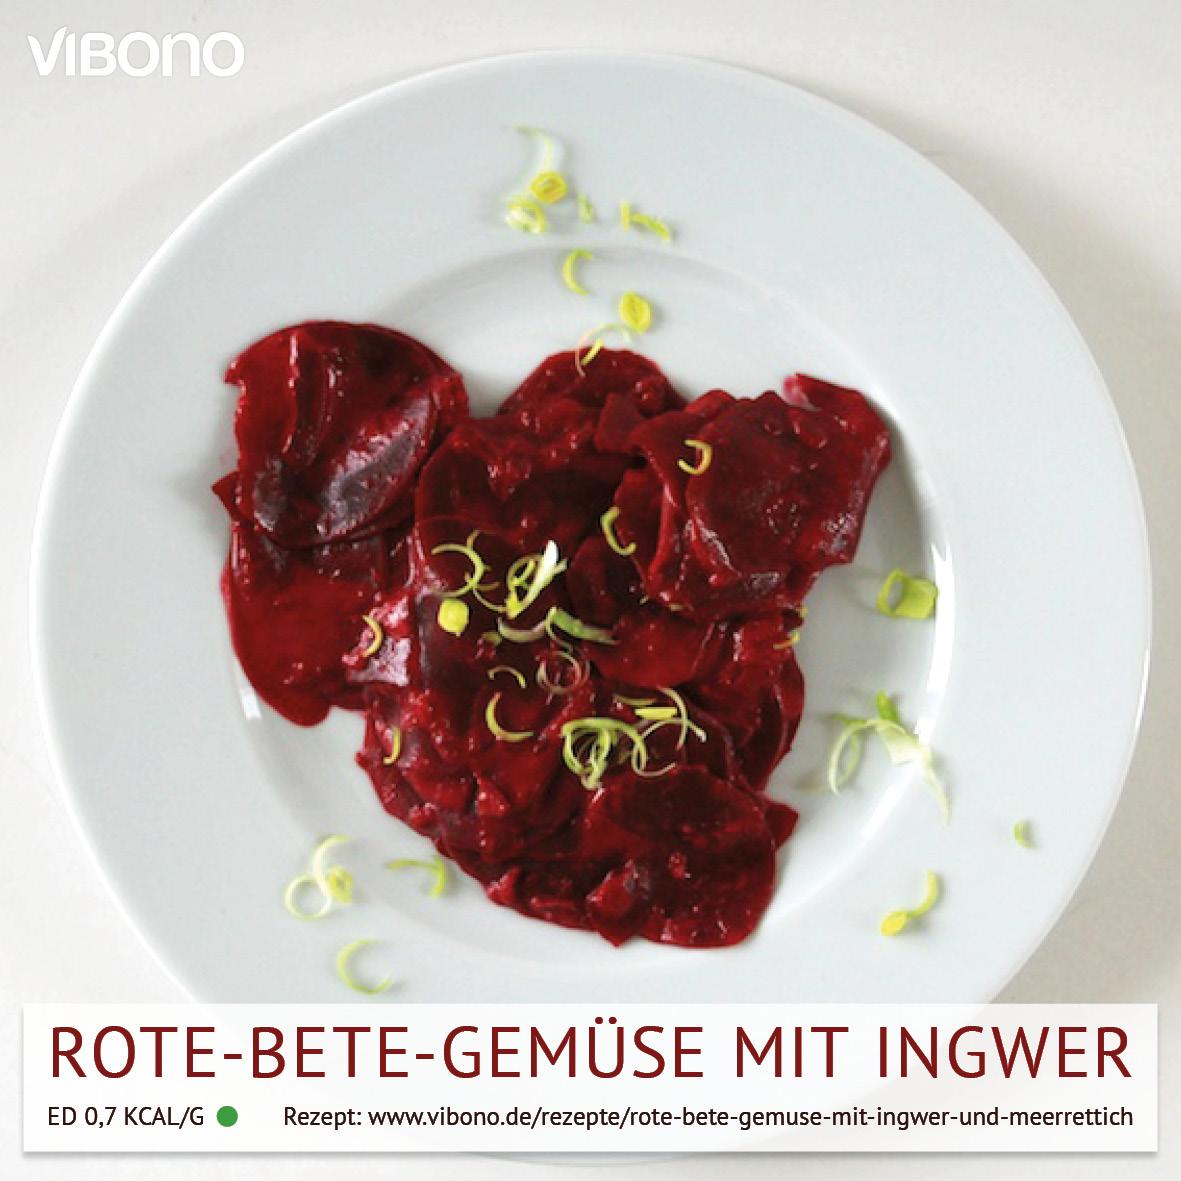 Rote Bete-Gemüse mit Ingwer und Meerrettich